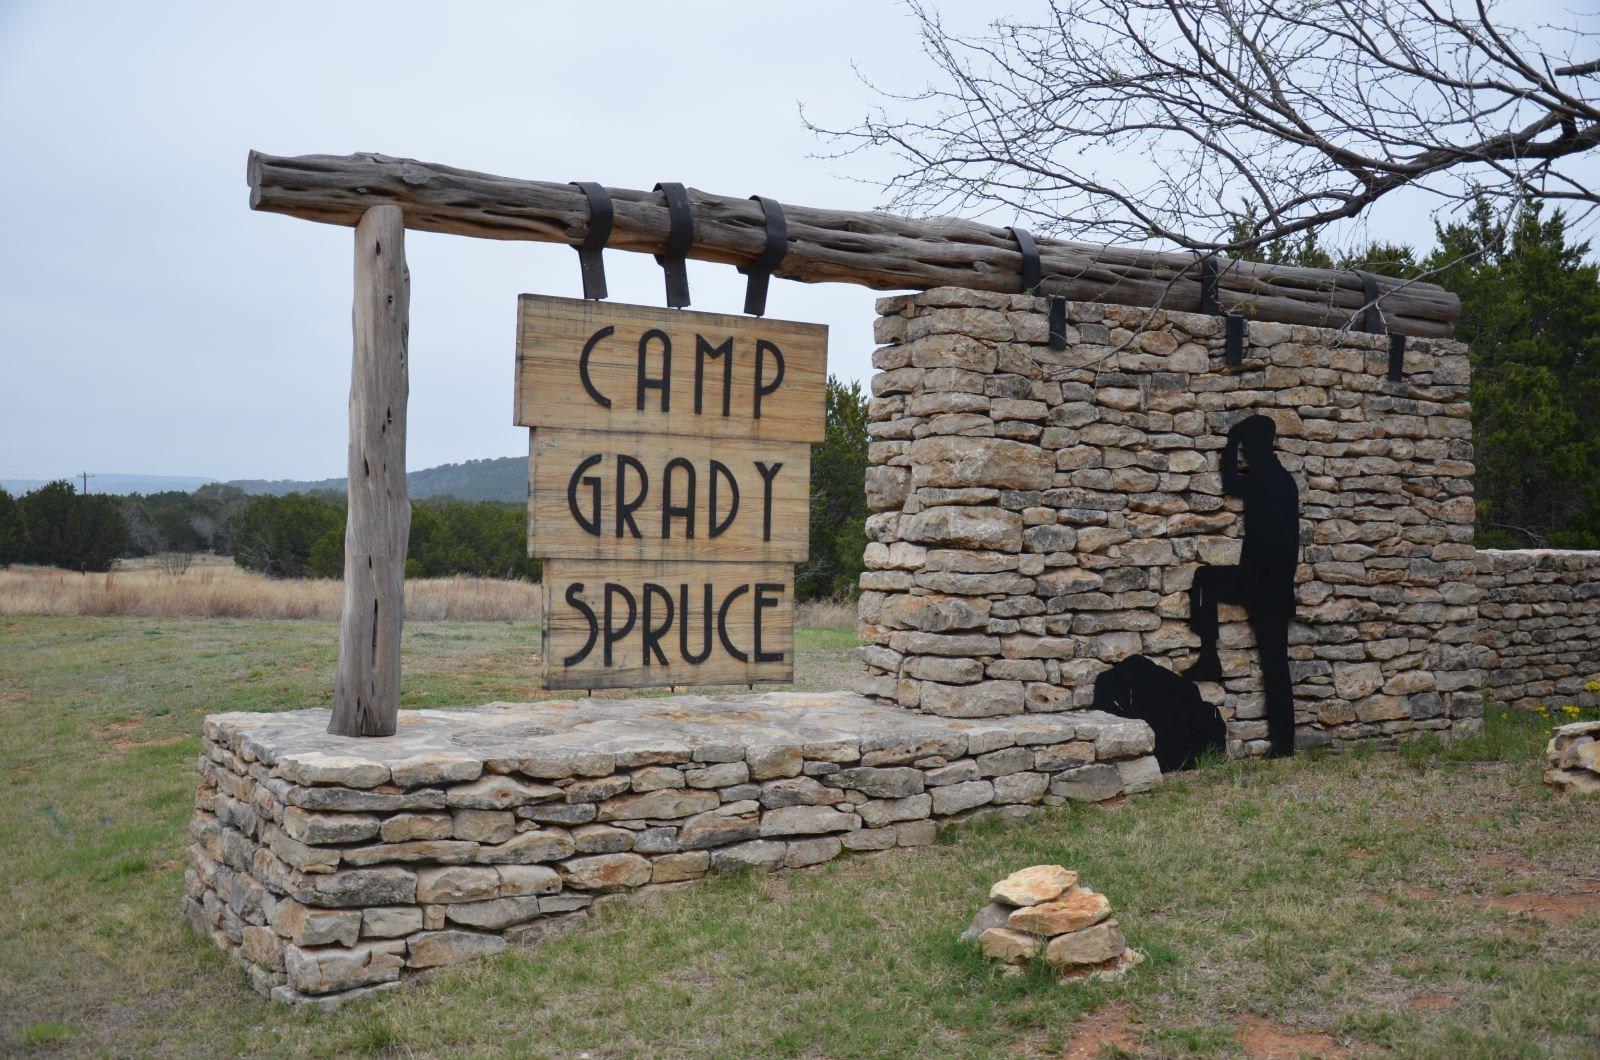 Camp Grady Spruce entrance